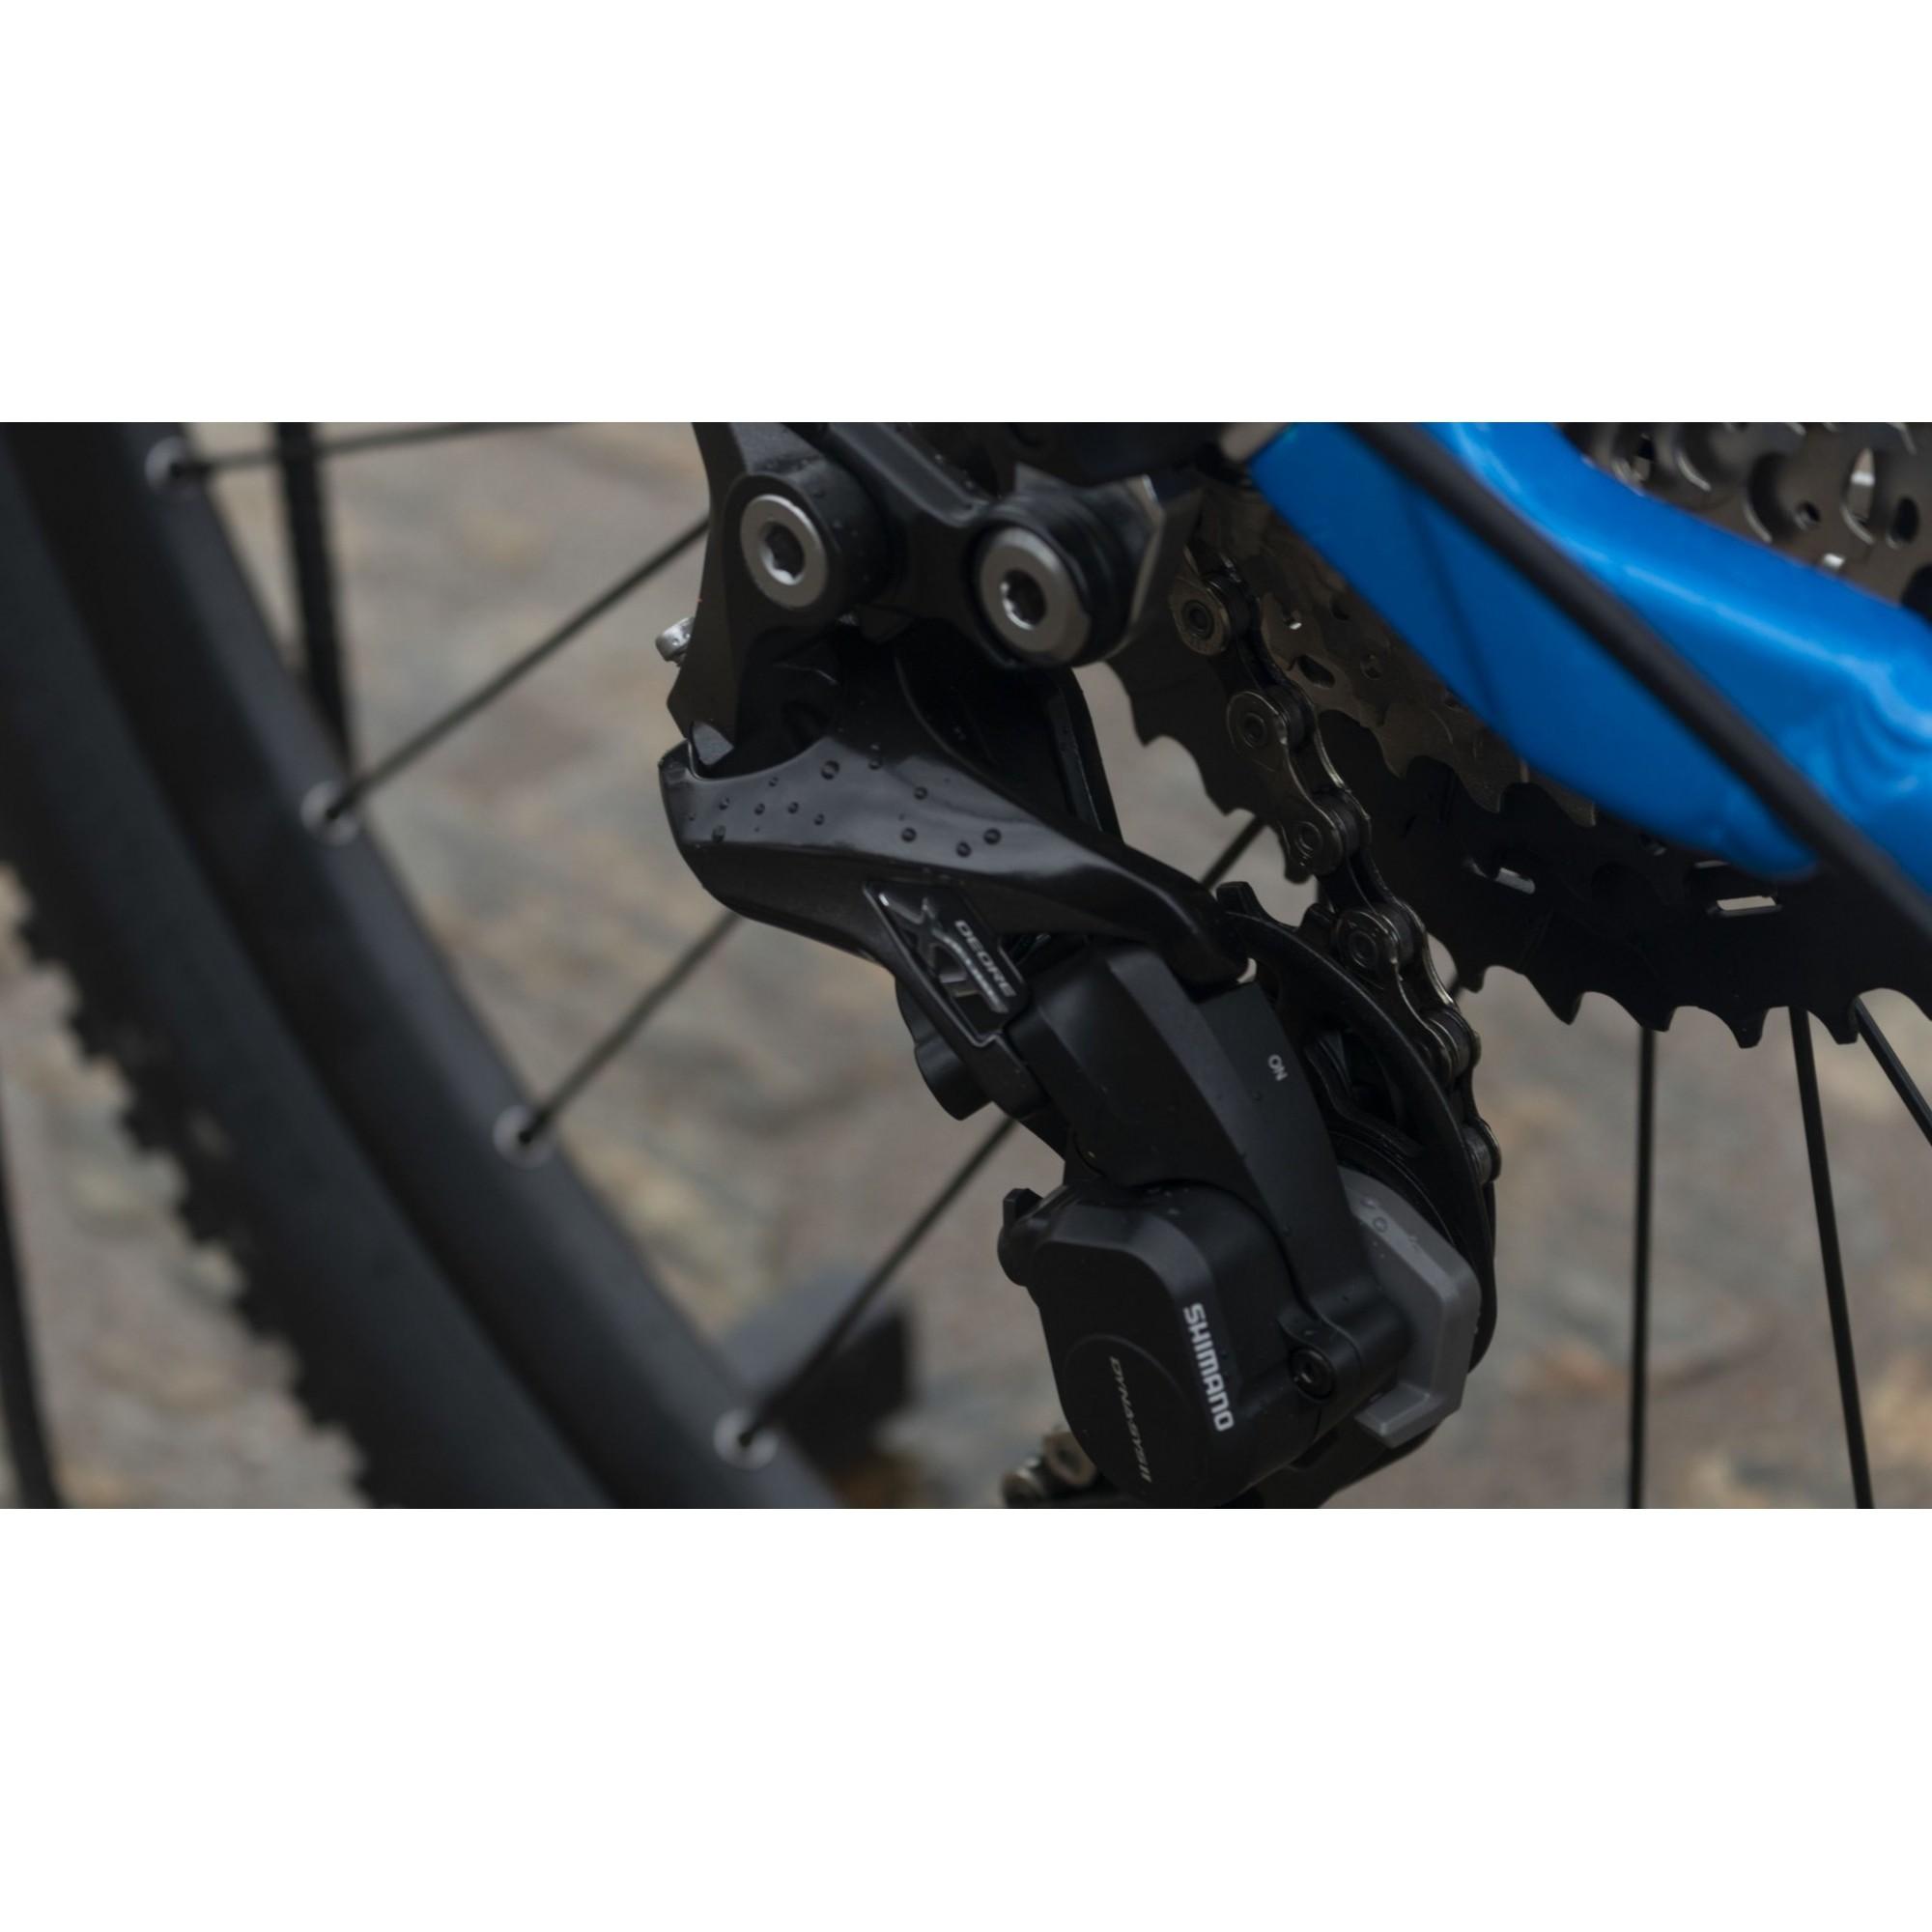 Bicicleta TSW Hurry Ultra 29 2020 - 22v Shimano SLX / XT - Freio Shimano Hidráulico - Azul/Vermelho